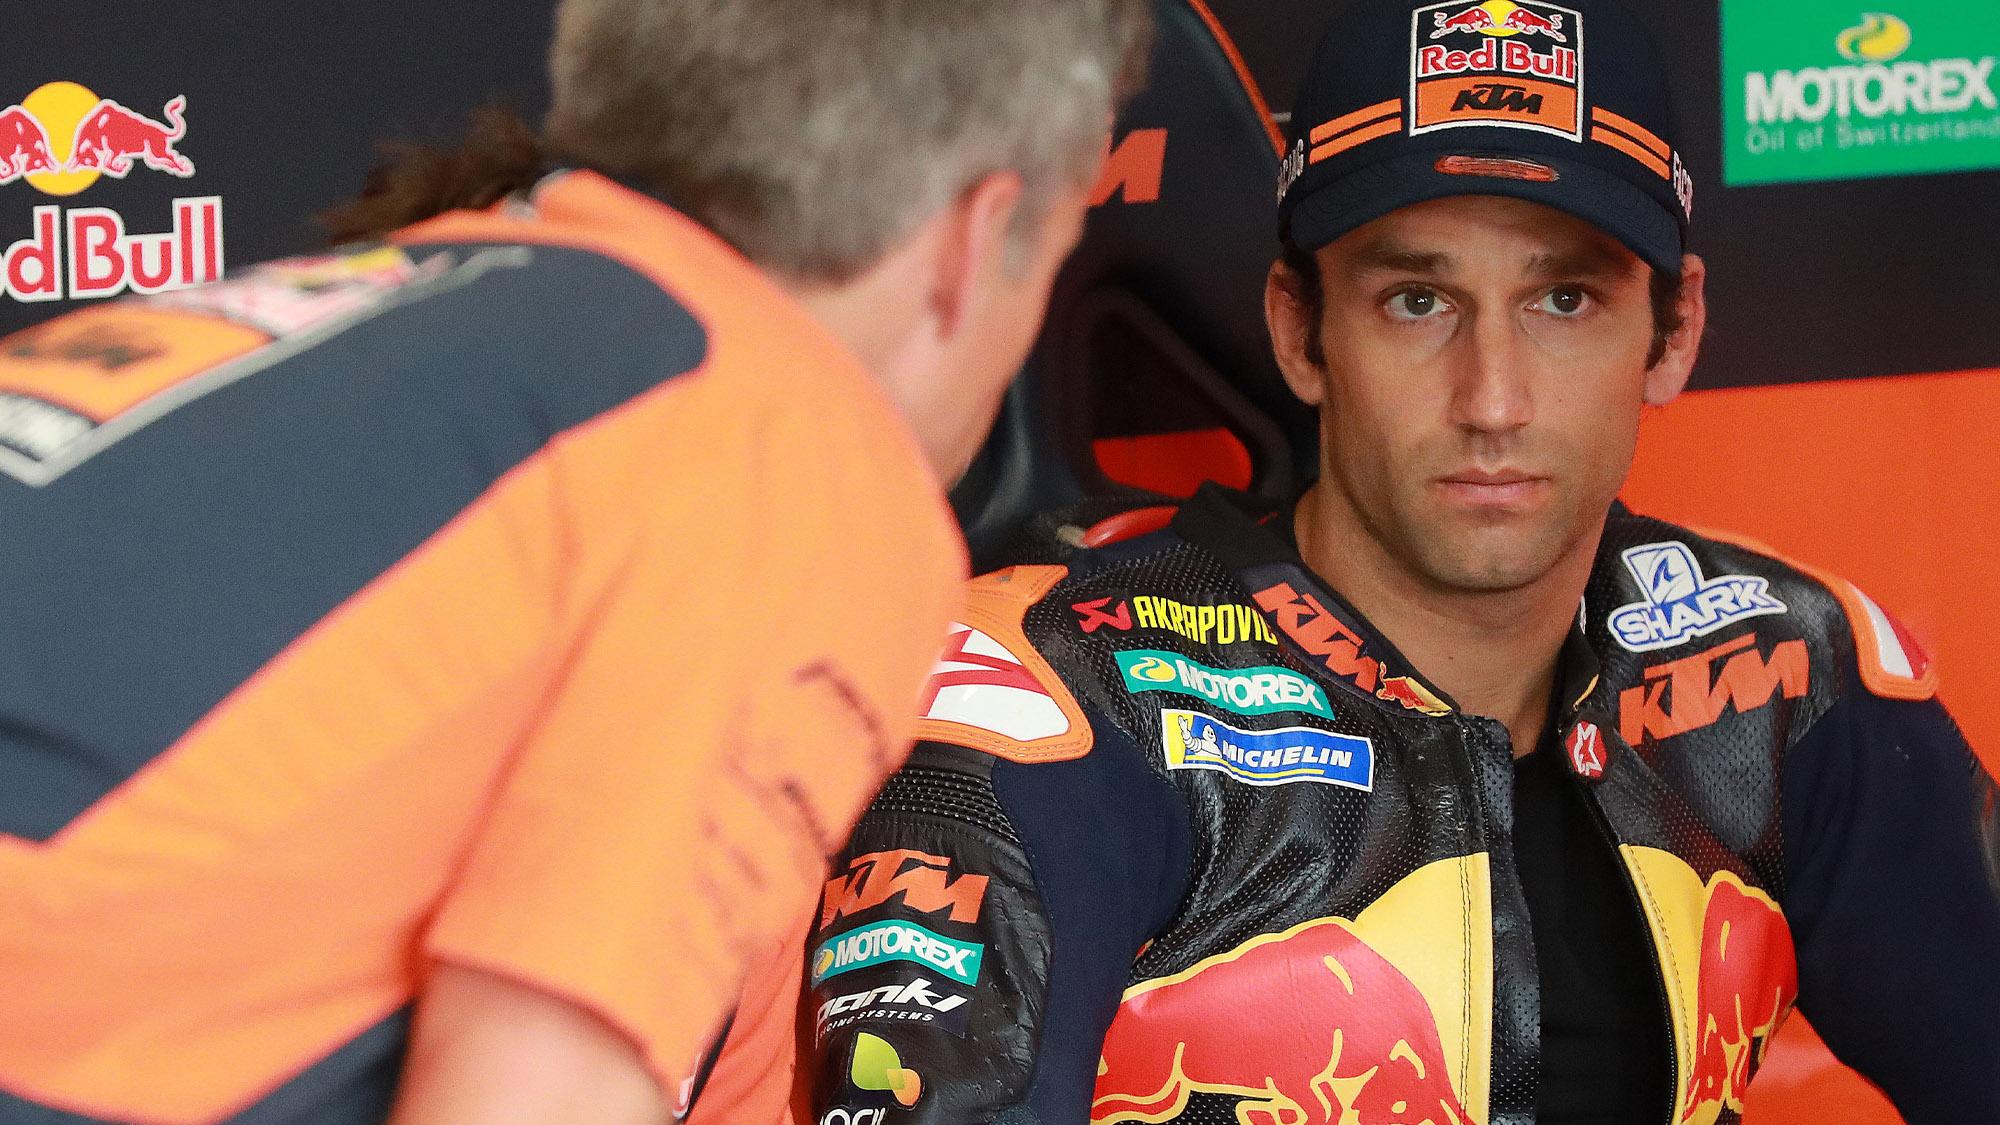 Johann Zarco with KTM in MotoGP